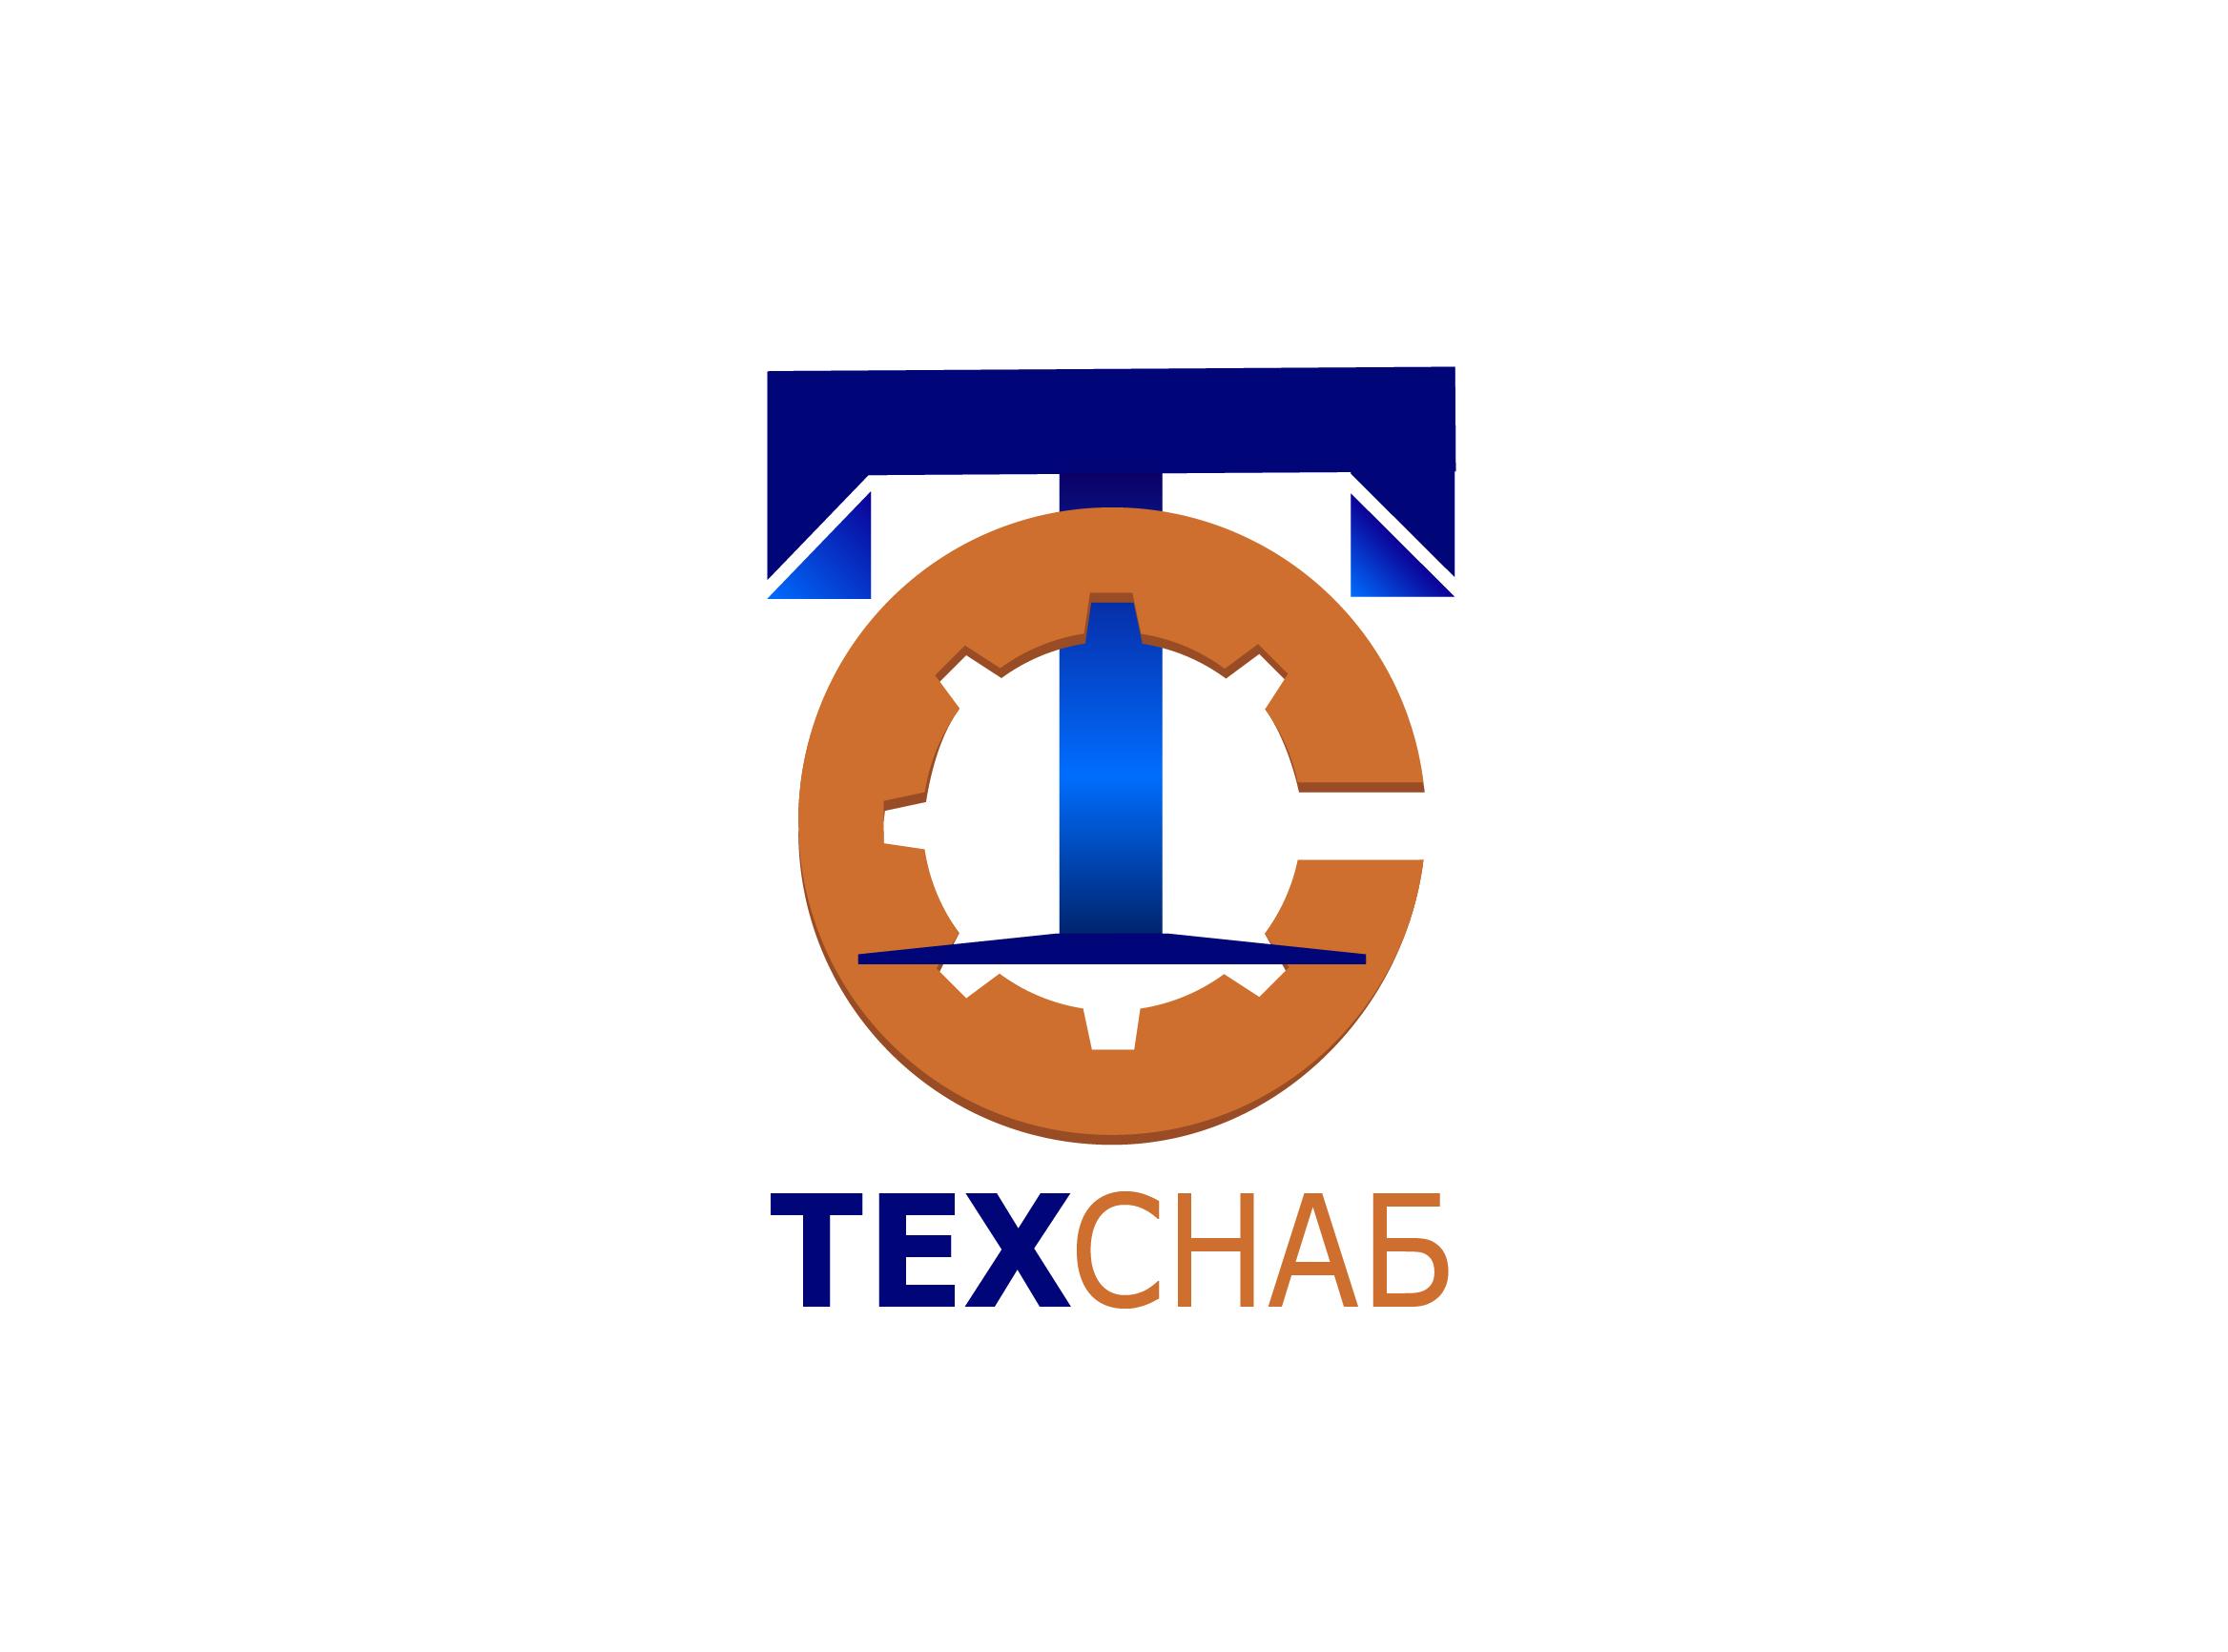 Разработка логотипа и фирм. стиля компании  ТЕХСНАБ фото f_1285b1c59b49c6b9.jpg